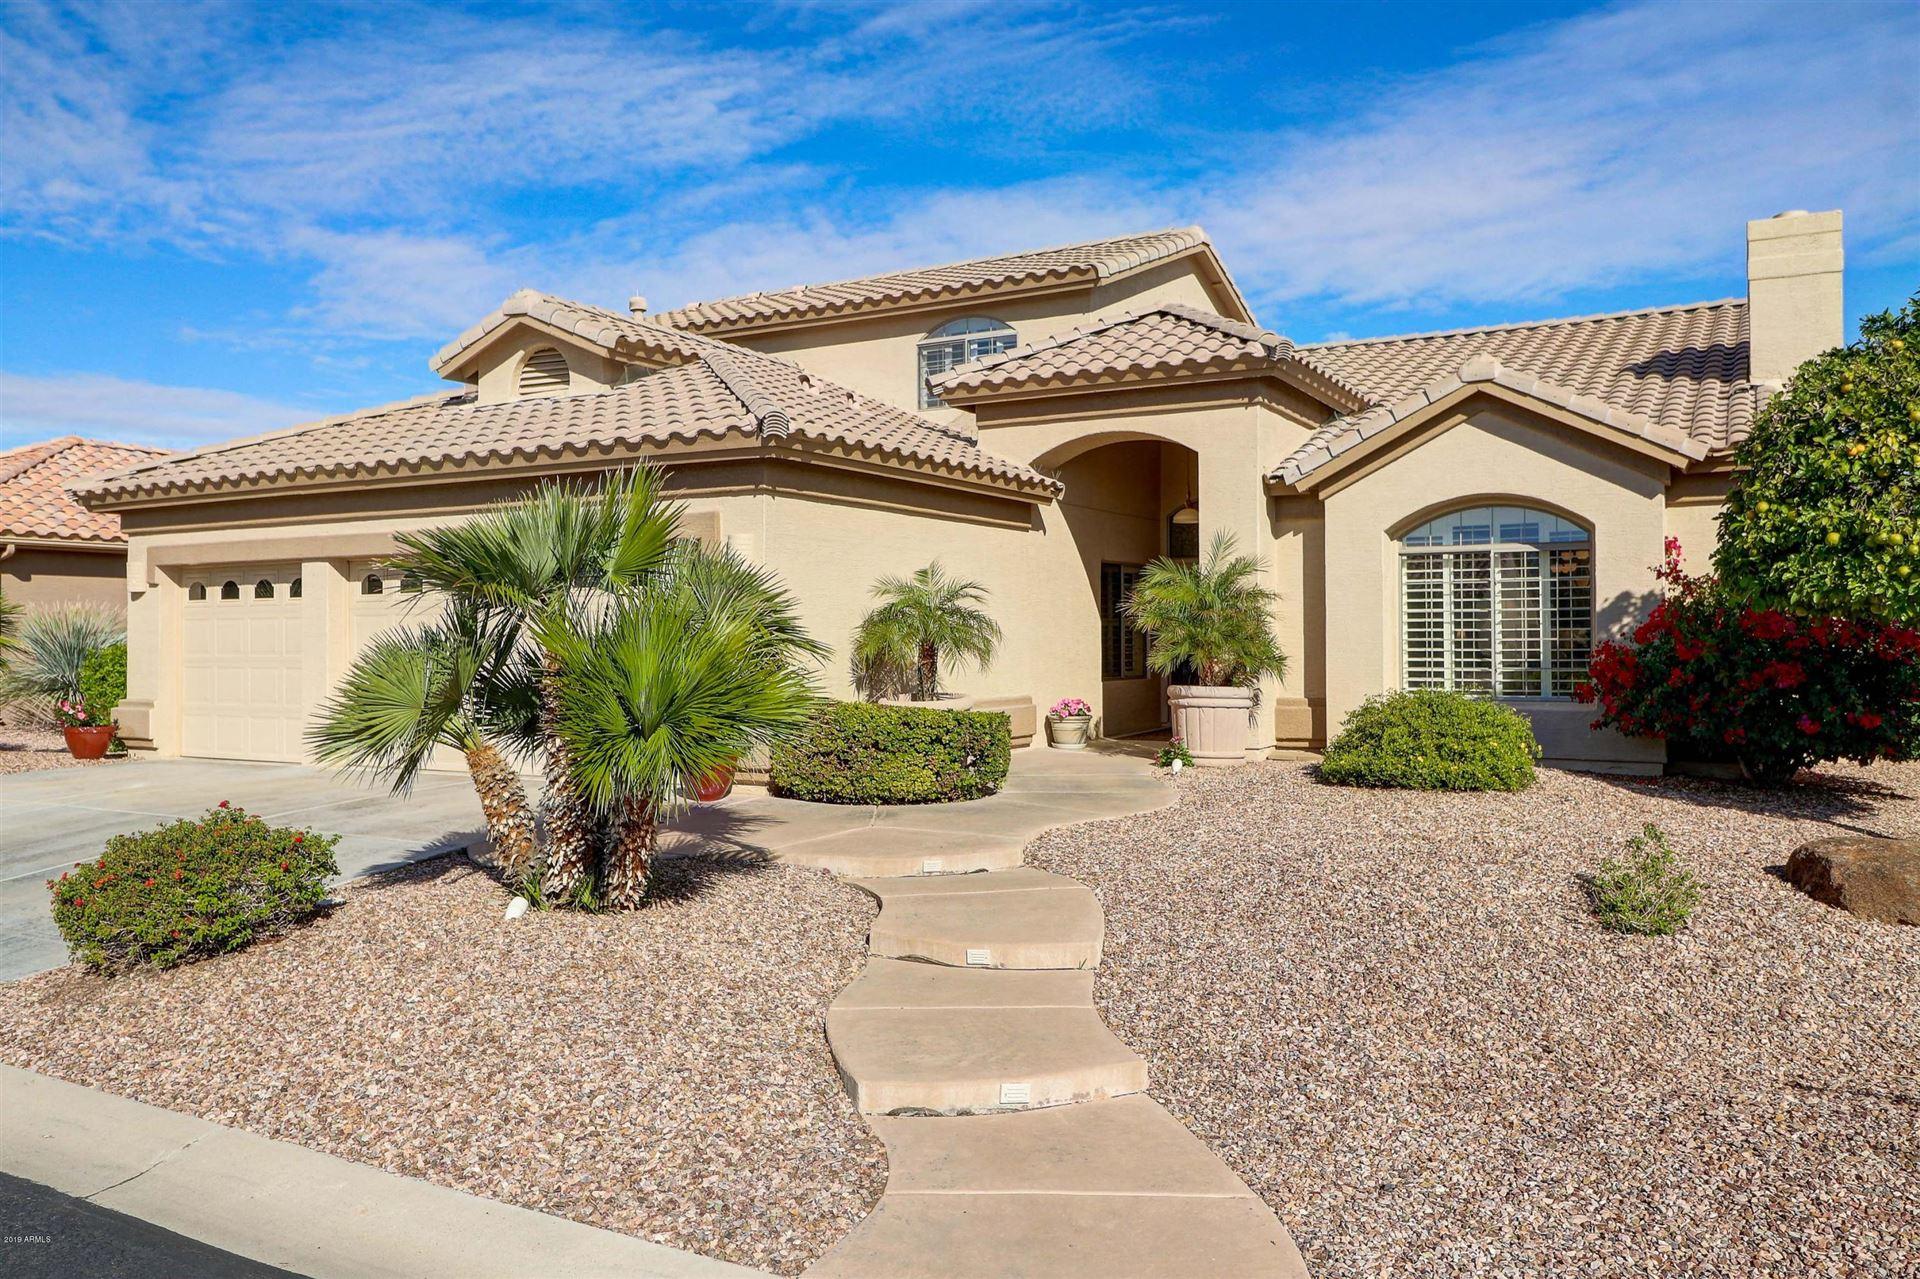 15962 W SHEILA Lane, Goodyear, AZ 85395 - #: 6011668